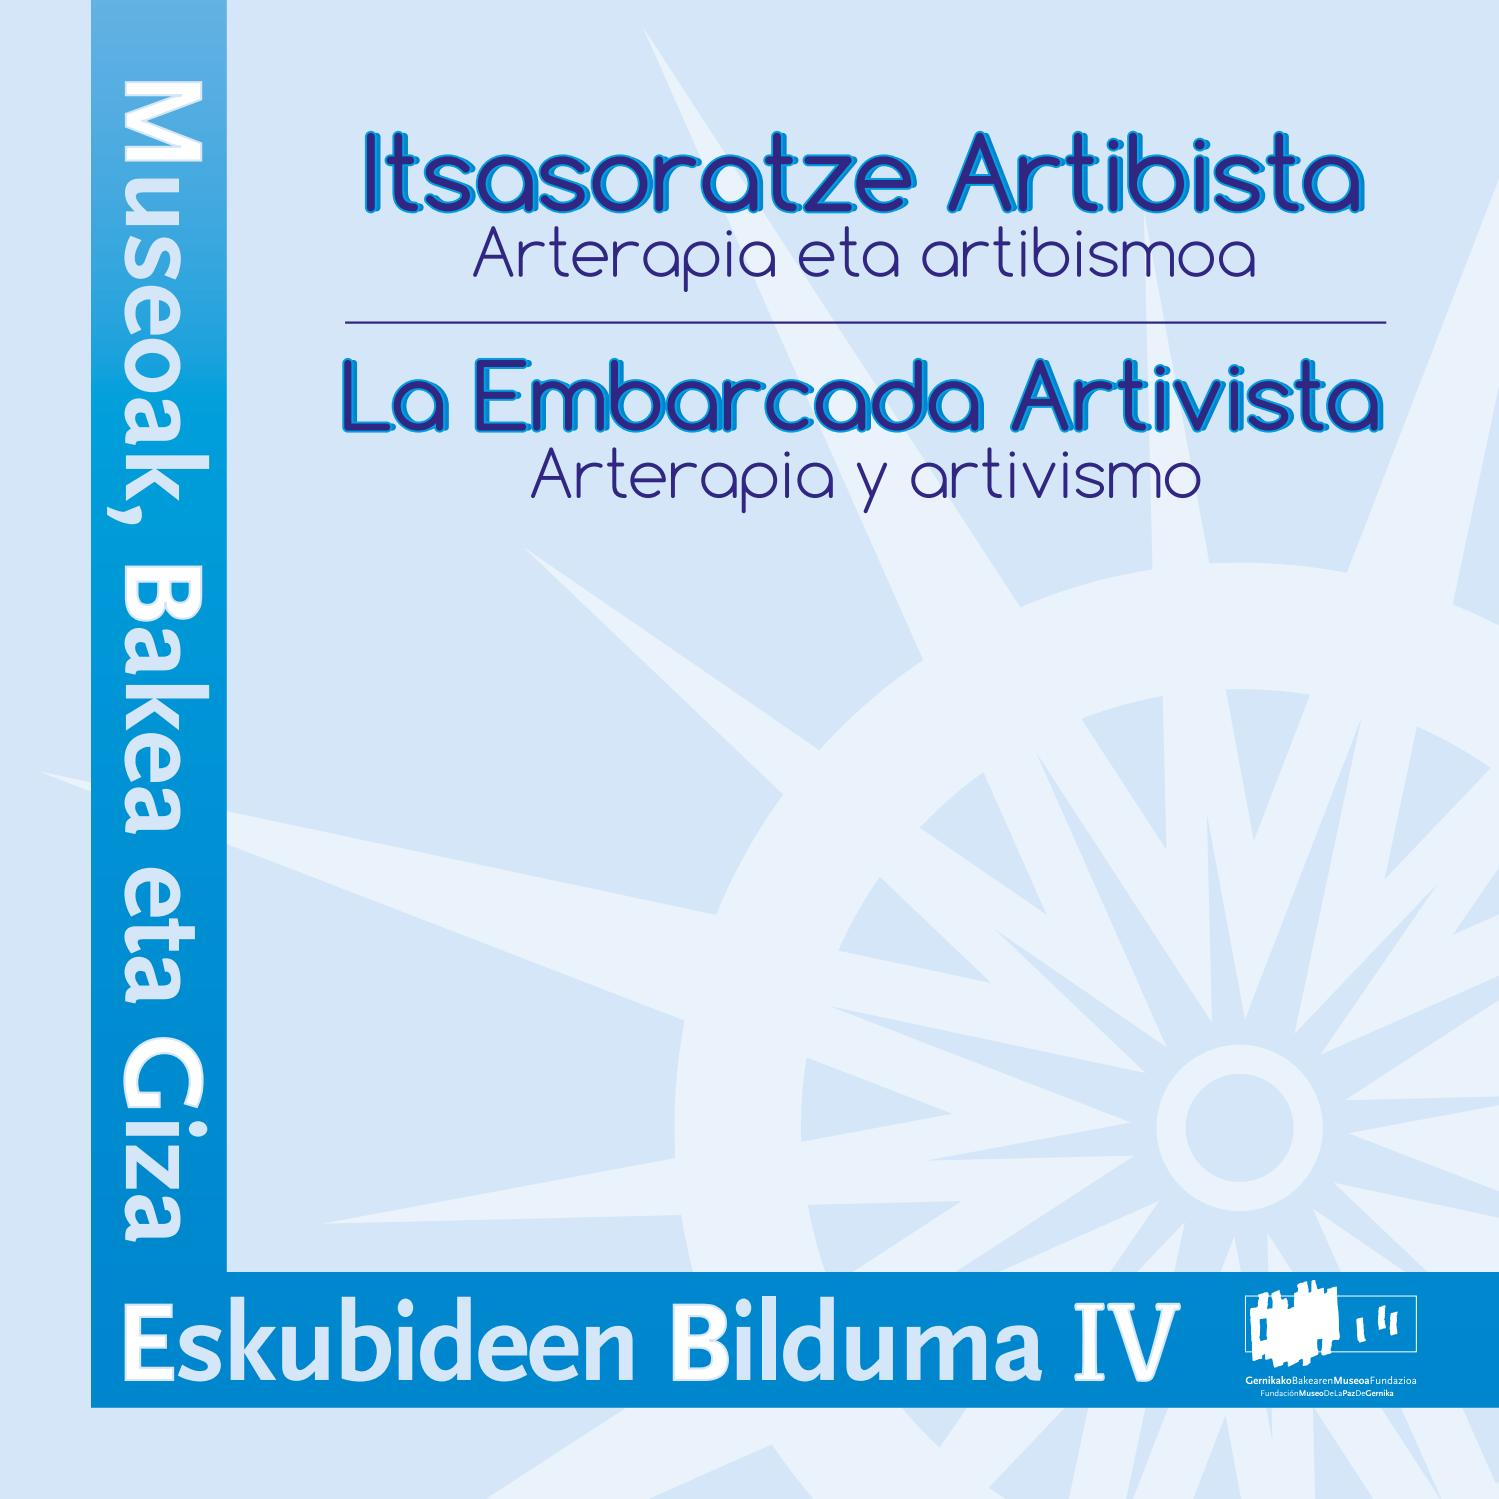 Embarcada artivista - Itsasoratze artibista by Museo de la Paz de ...